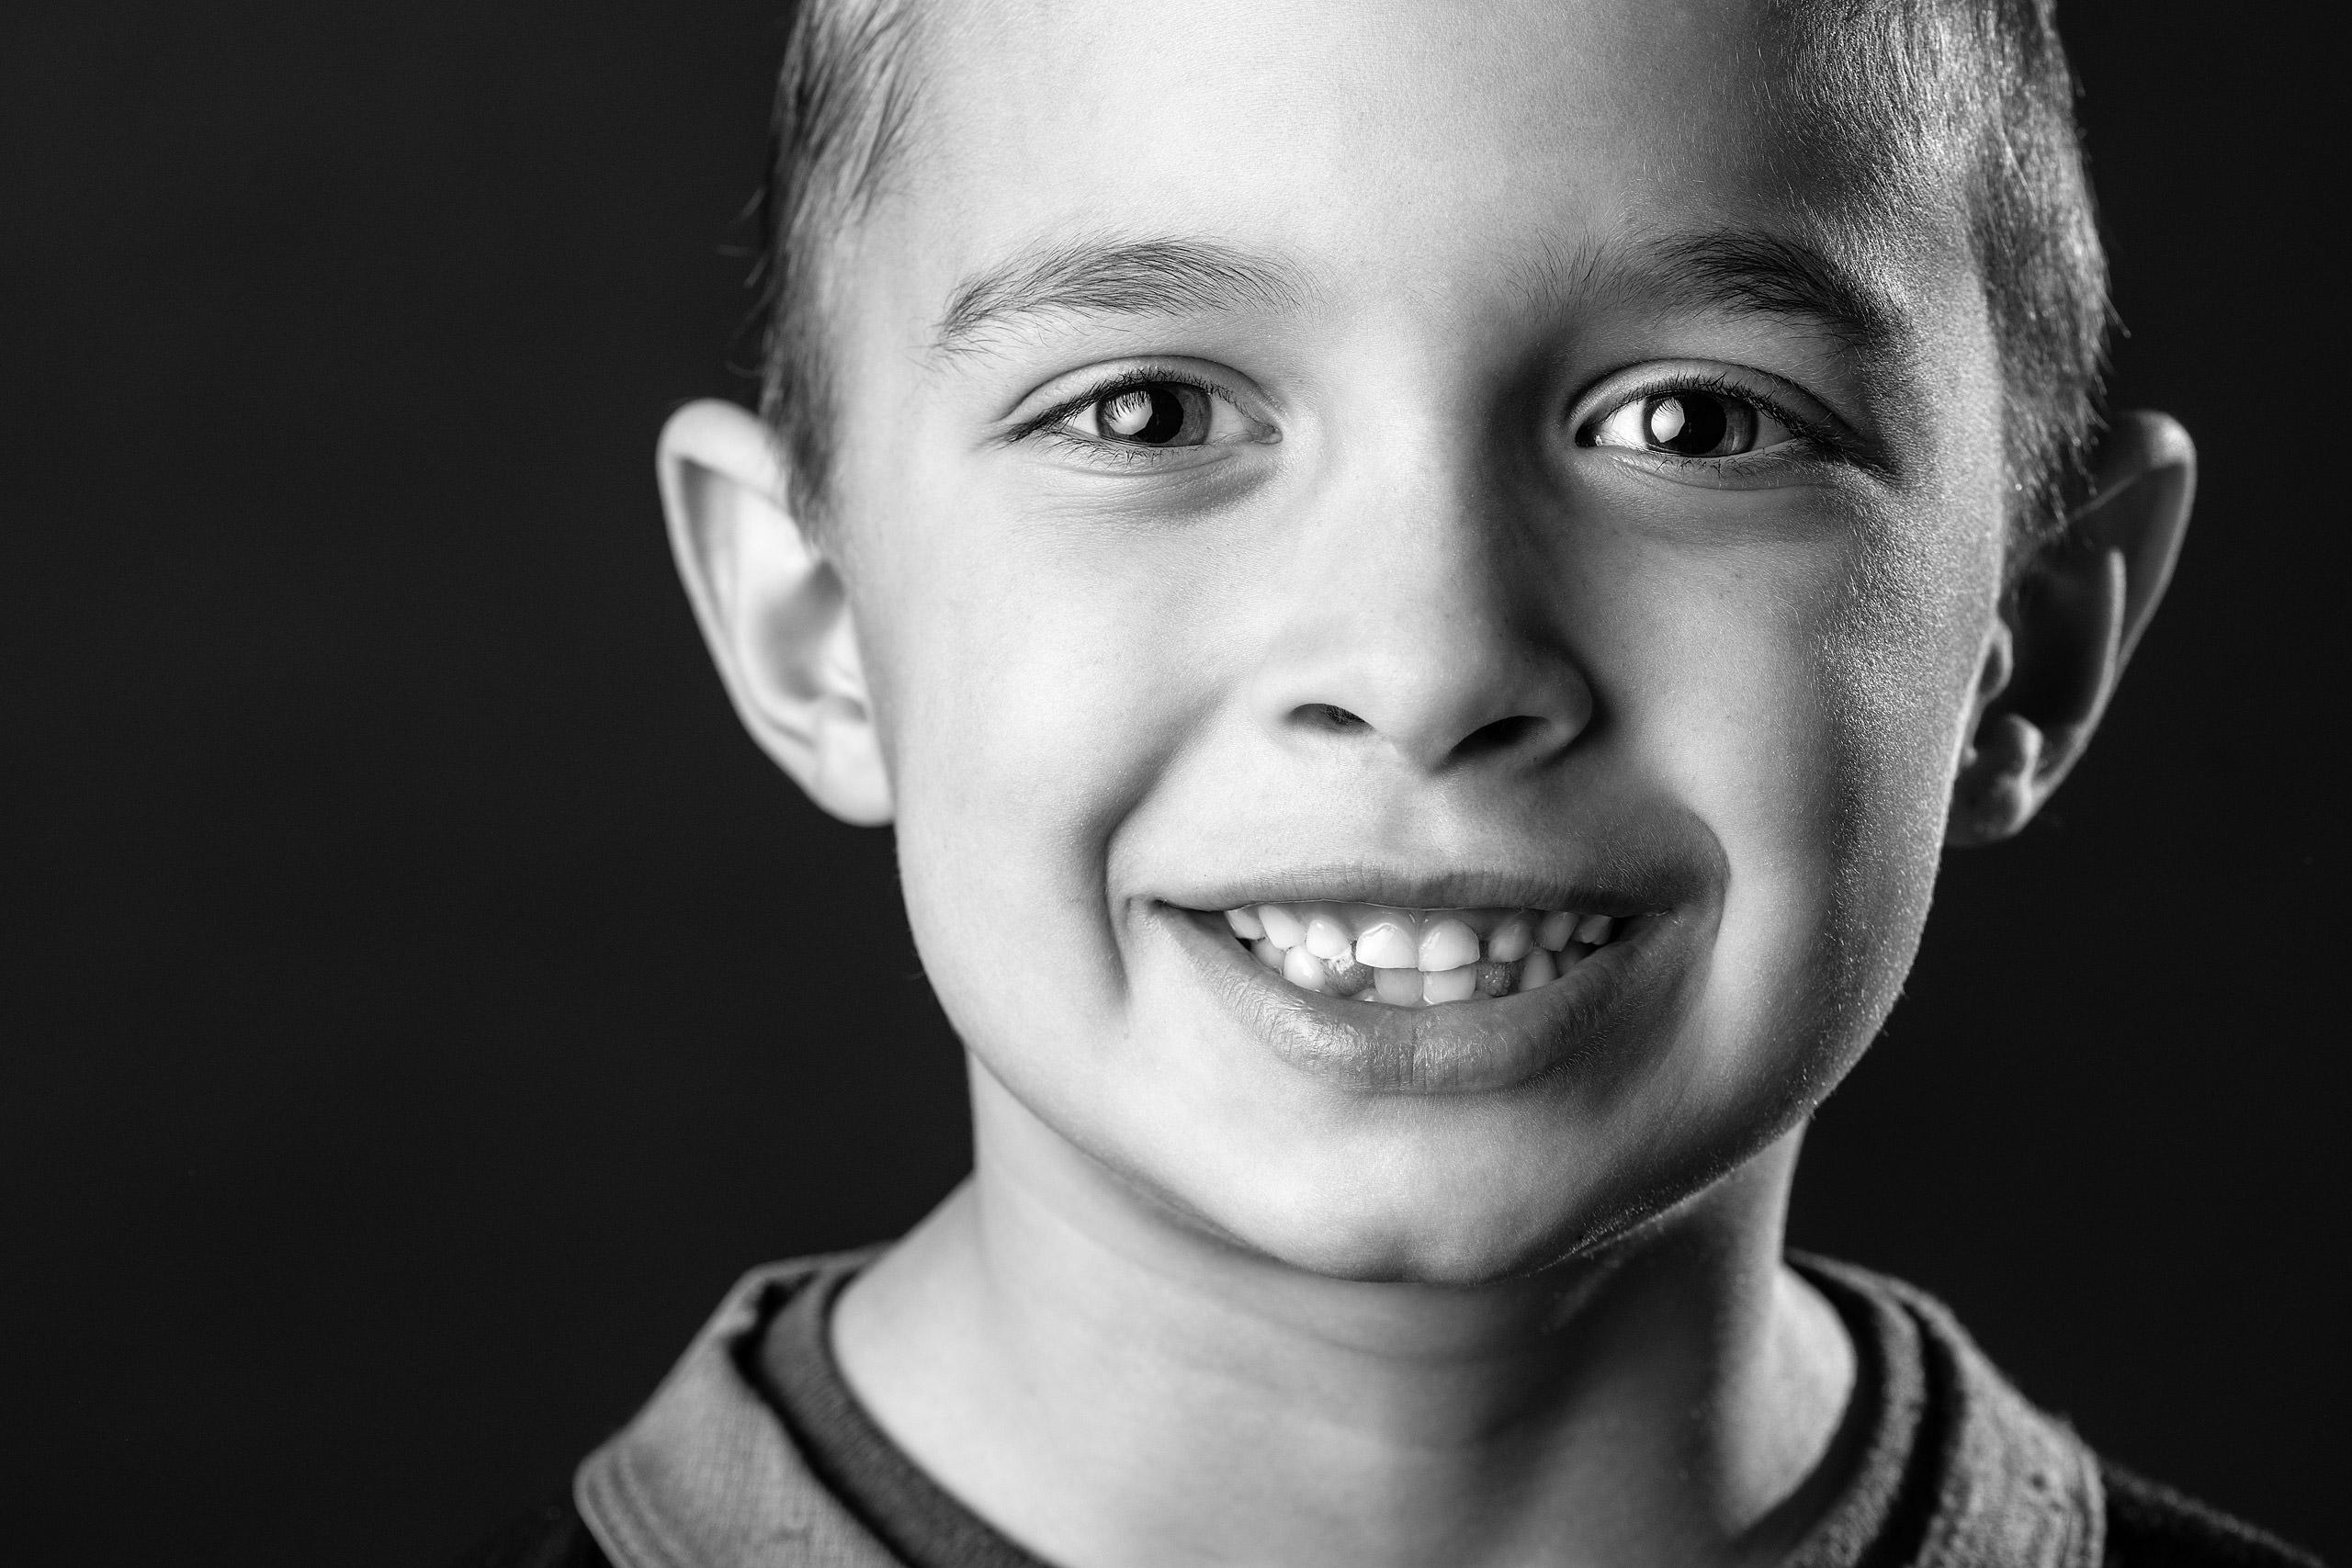 young boy smiling taken by family photographer sean leblanc